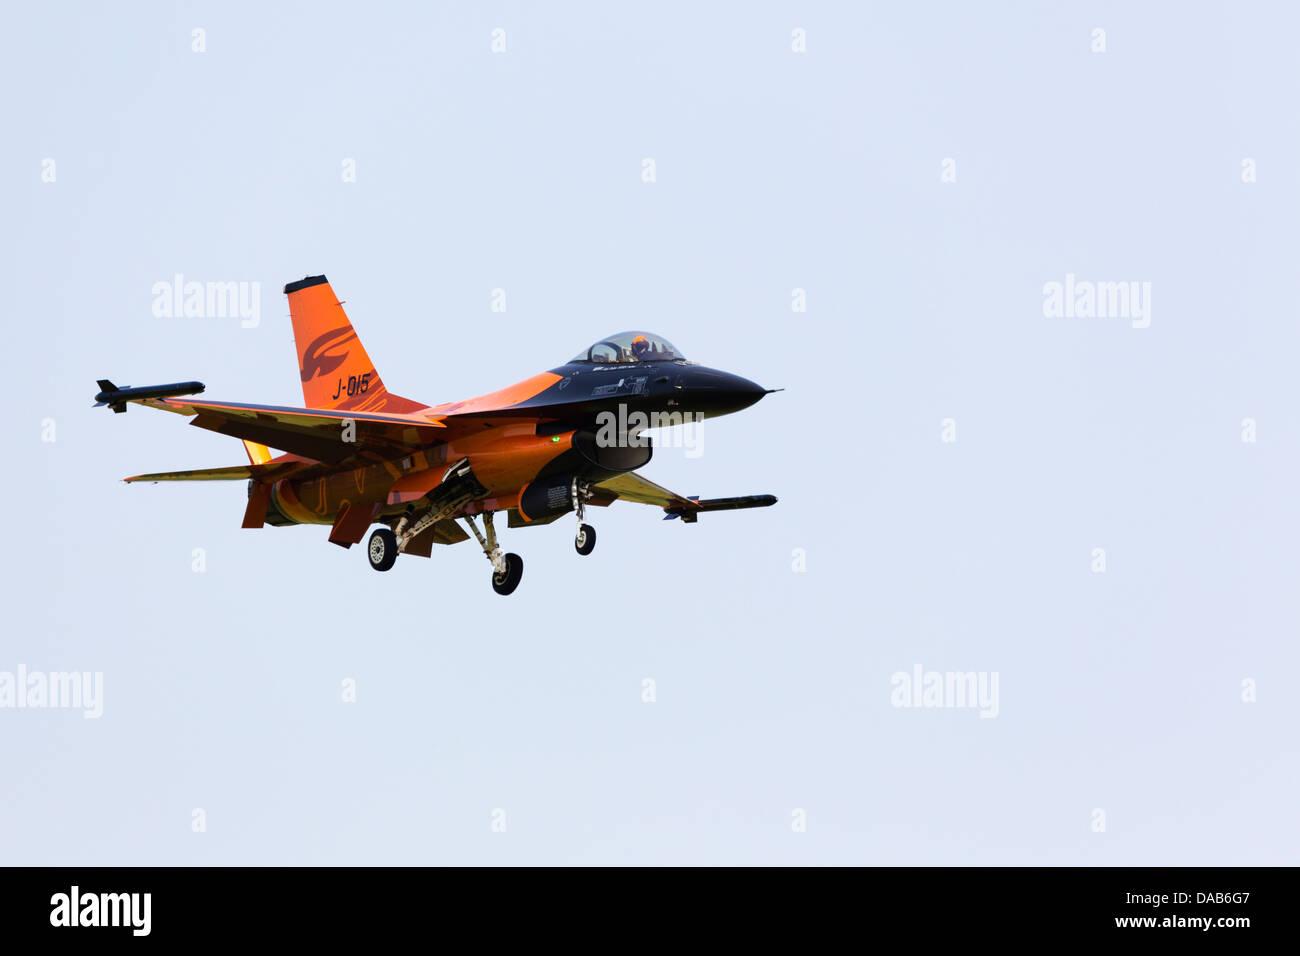 General Dynamics F16A 'Fighting Falcon' visualizza gli aeromobili provenienti da paesi Bassi Air Force. Immagini Stock